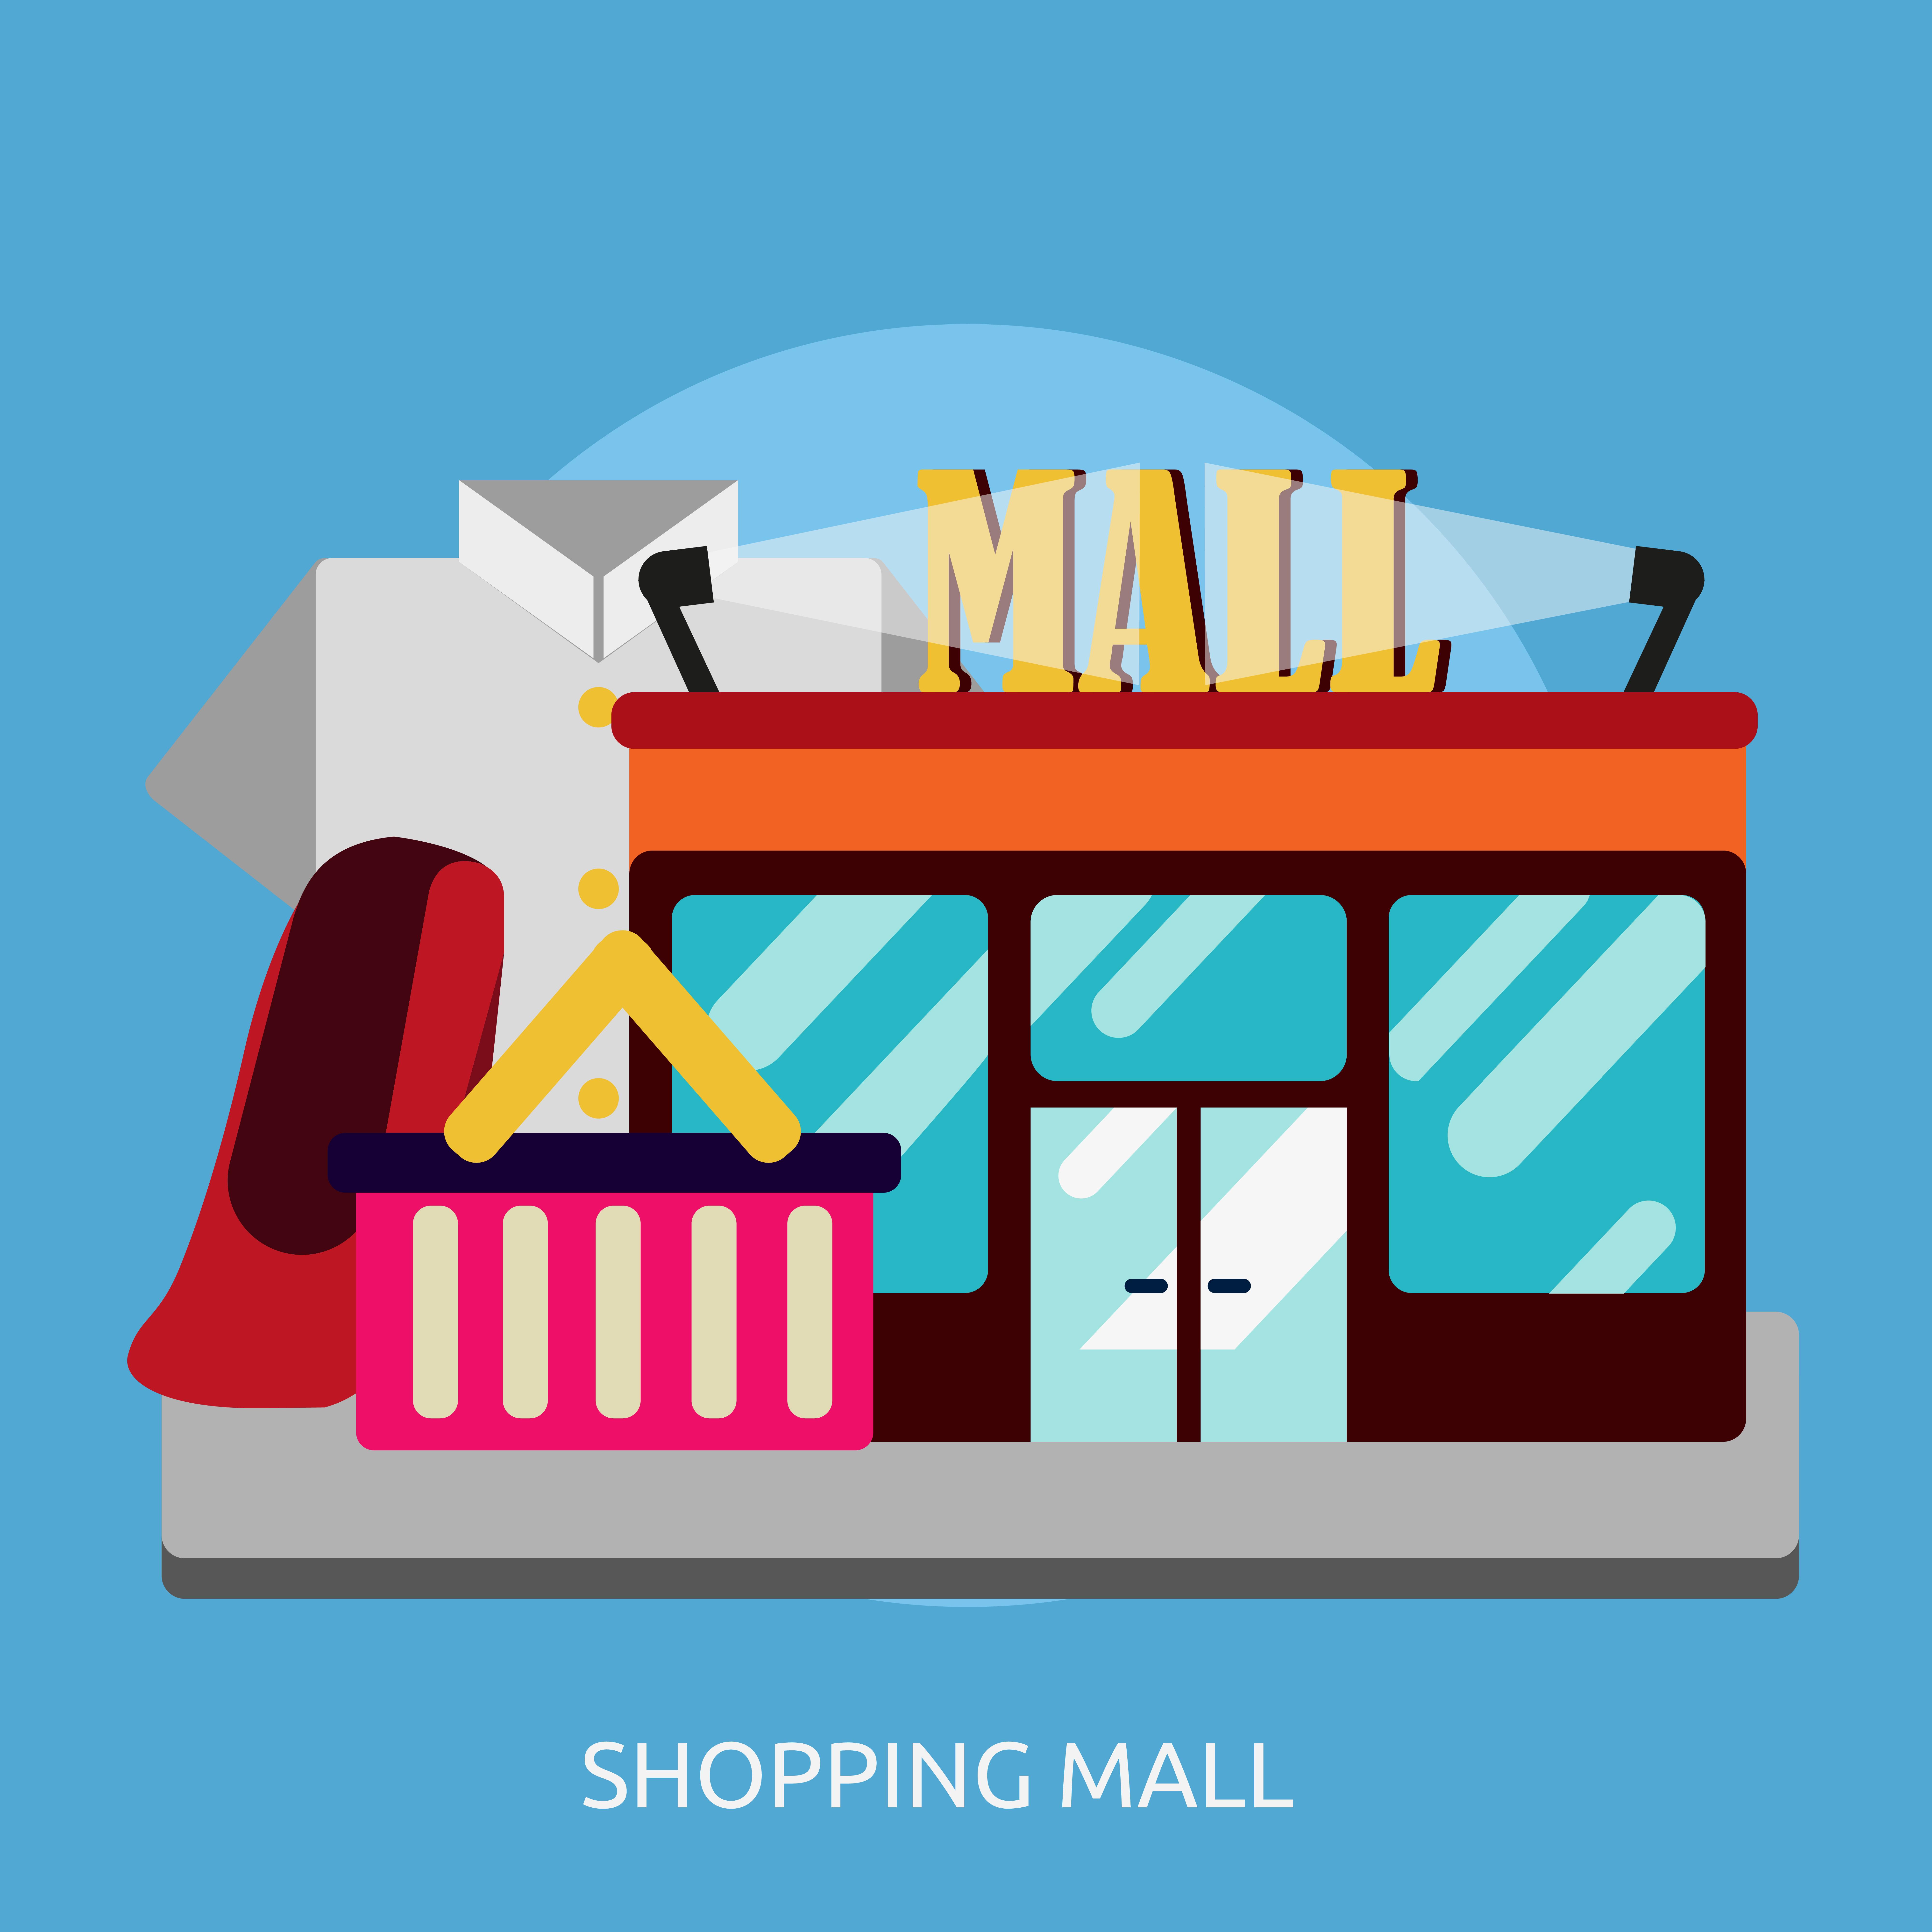 Supermarket Logo Concept: Shopping Mall Conceptual Illustration Design 474187 Vector